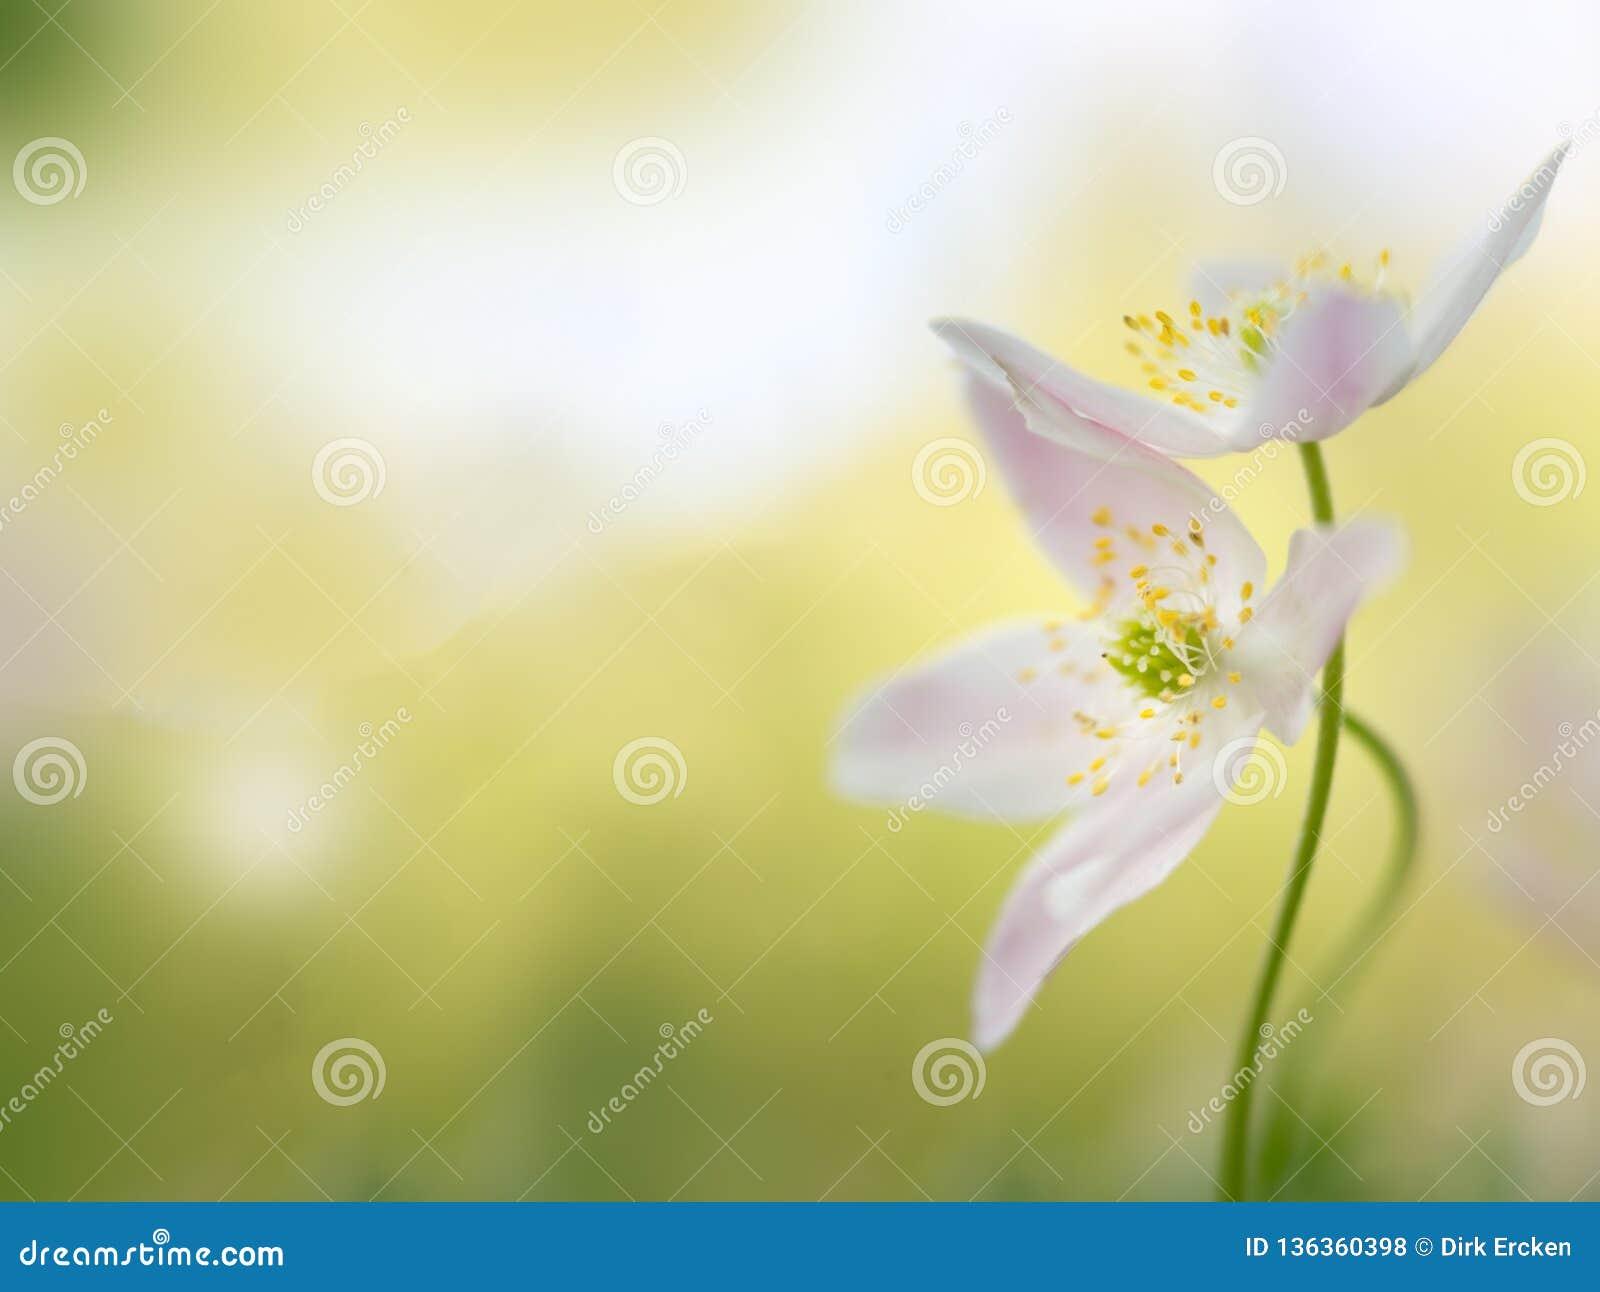 Anemone di legno - macro di una coppia in anticipo del fiore della molla